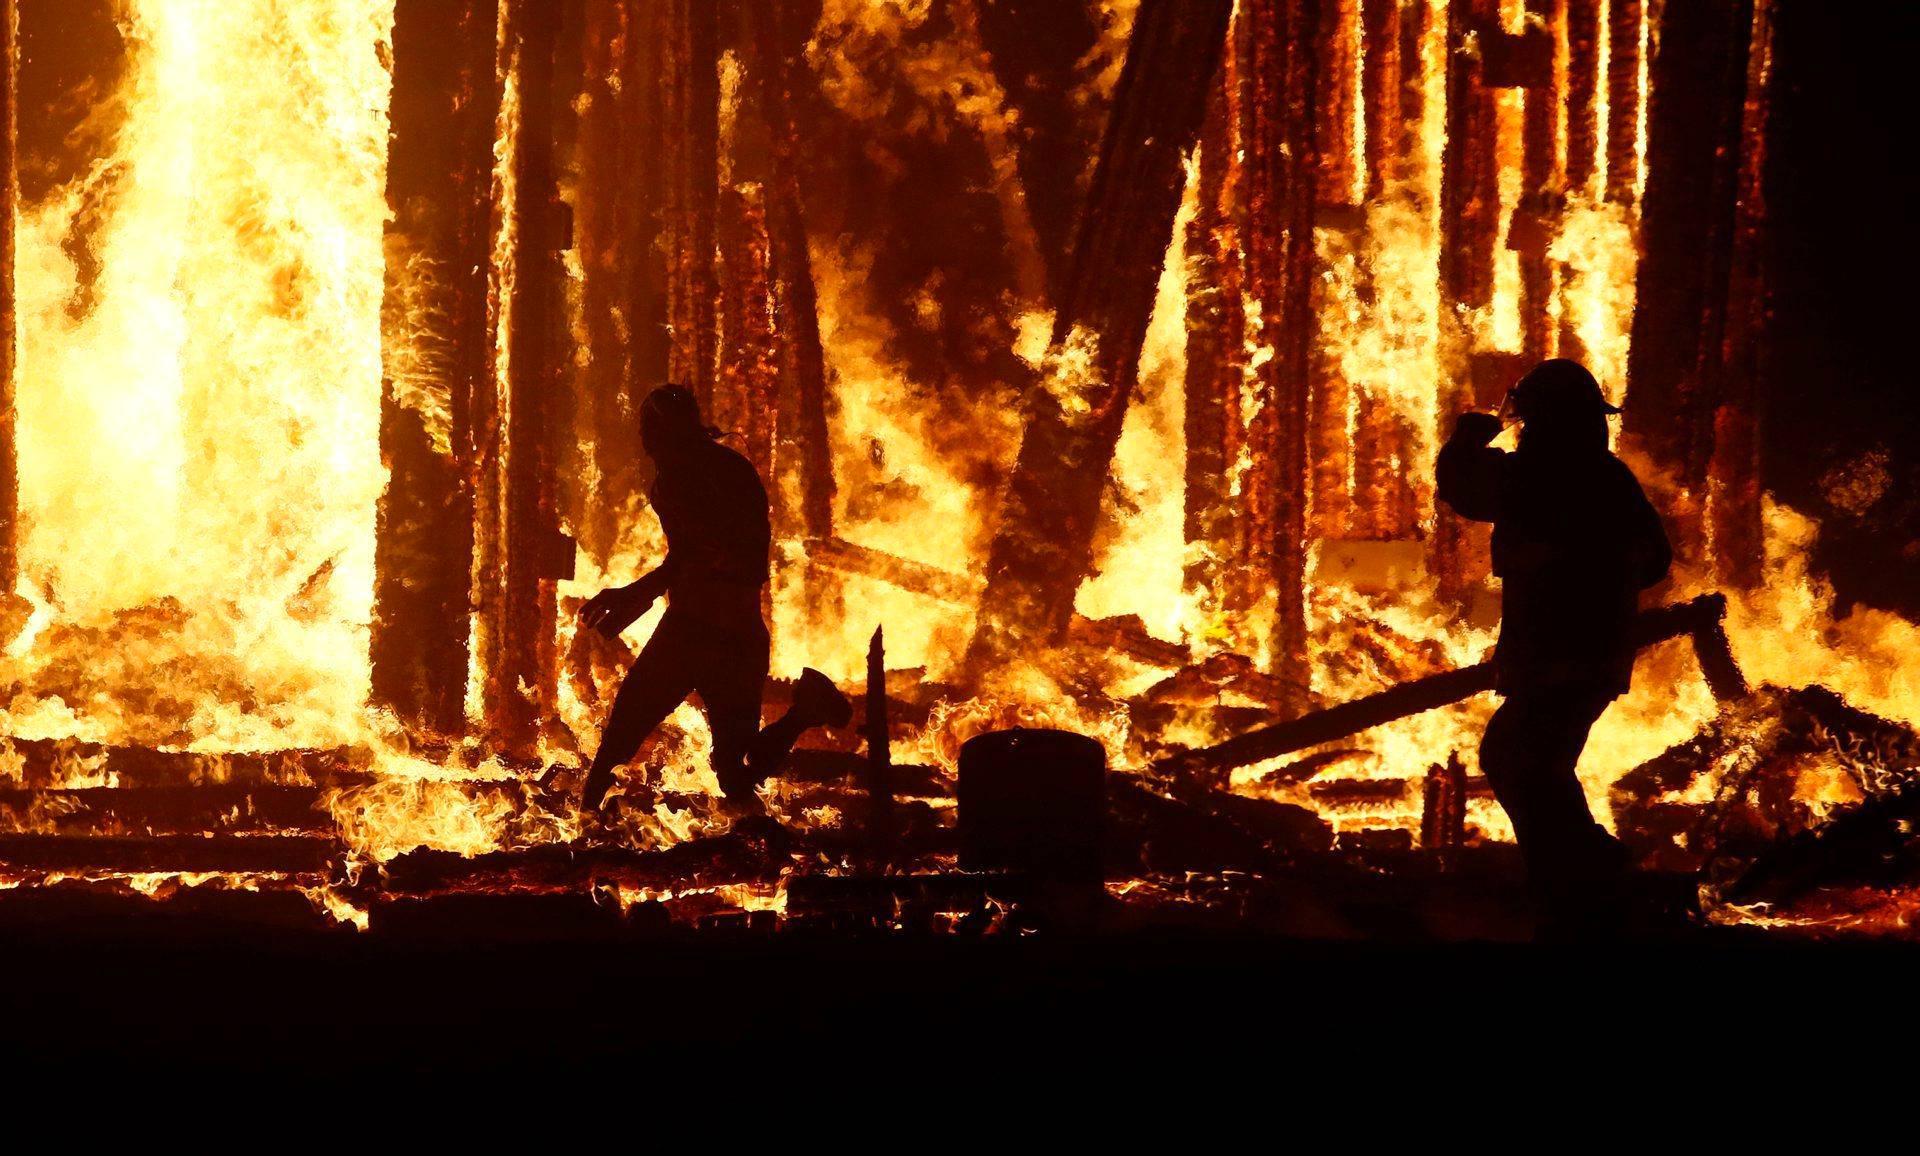 Nevadan Burning Man -festivaaleilla menehtyi lauantaina yksi osanottaja, joka juoksi festivaalin huipentavaan jättiroihuun järjestys- ja palomiesten estelyistä huolimatta.